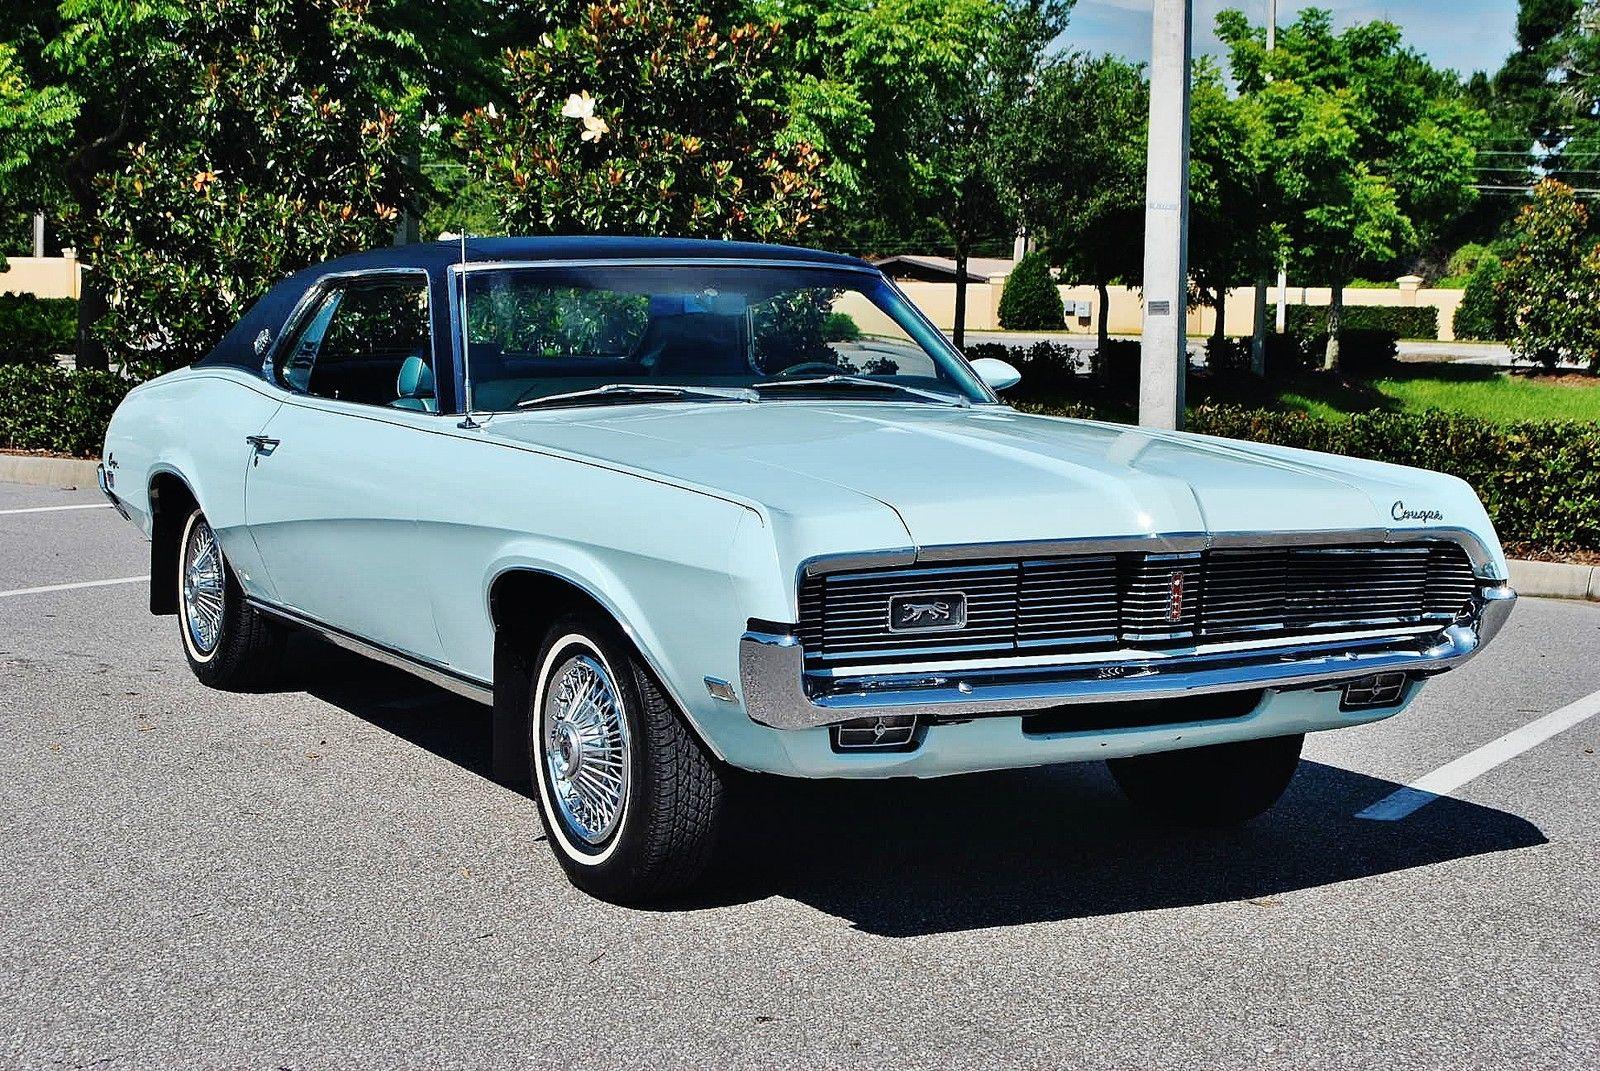 1969 Mercury Cougar XR72